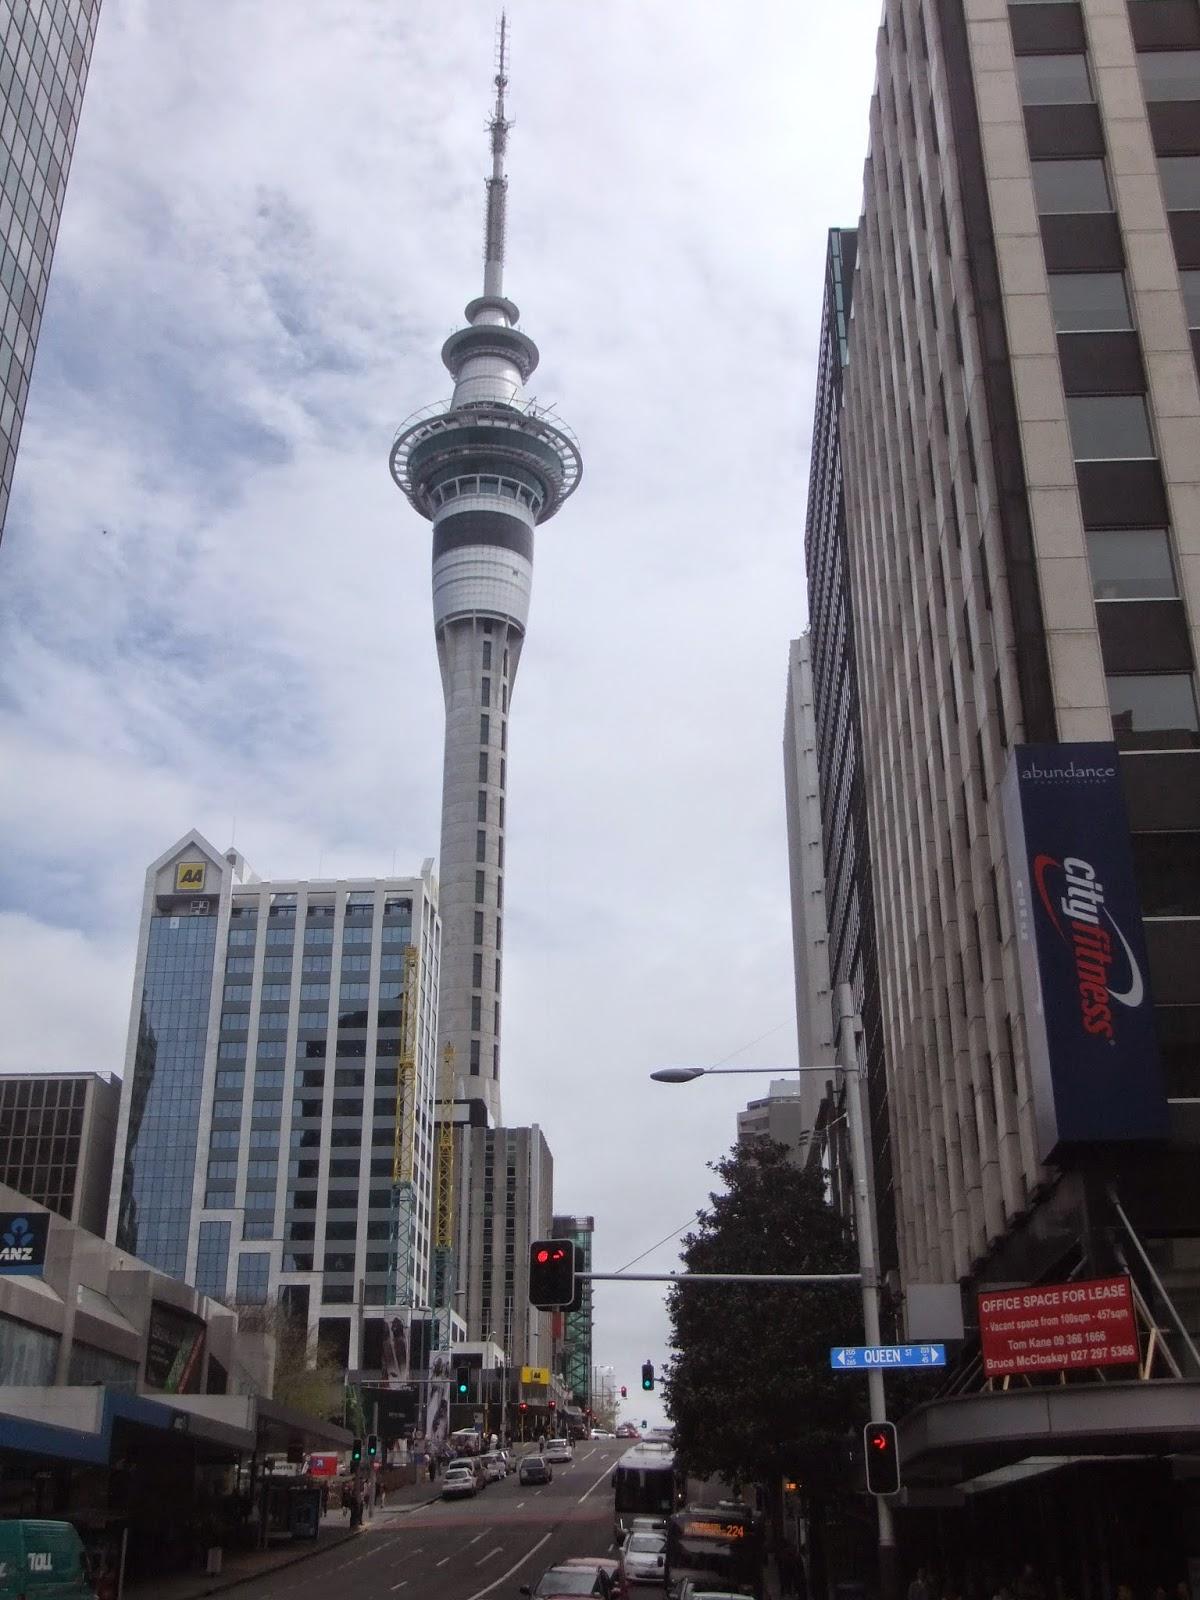 Stray New Zealand